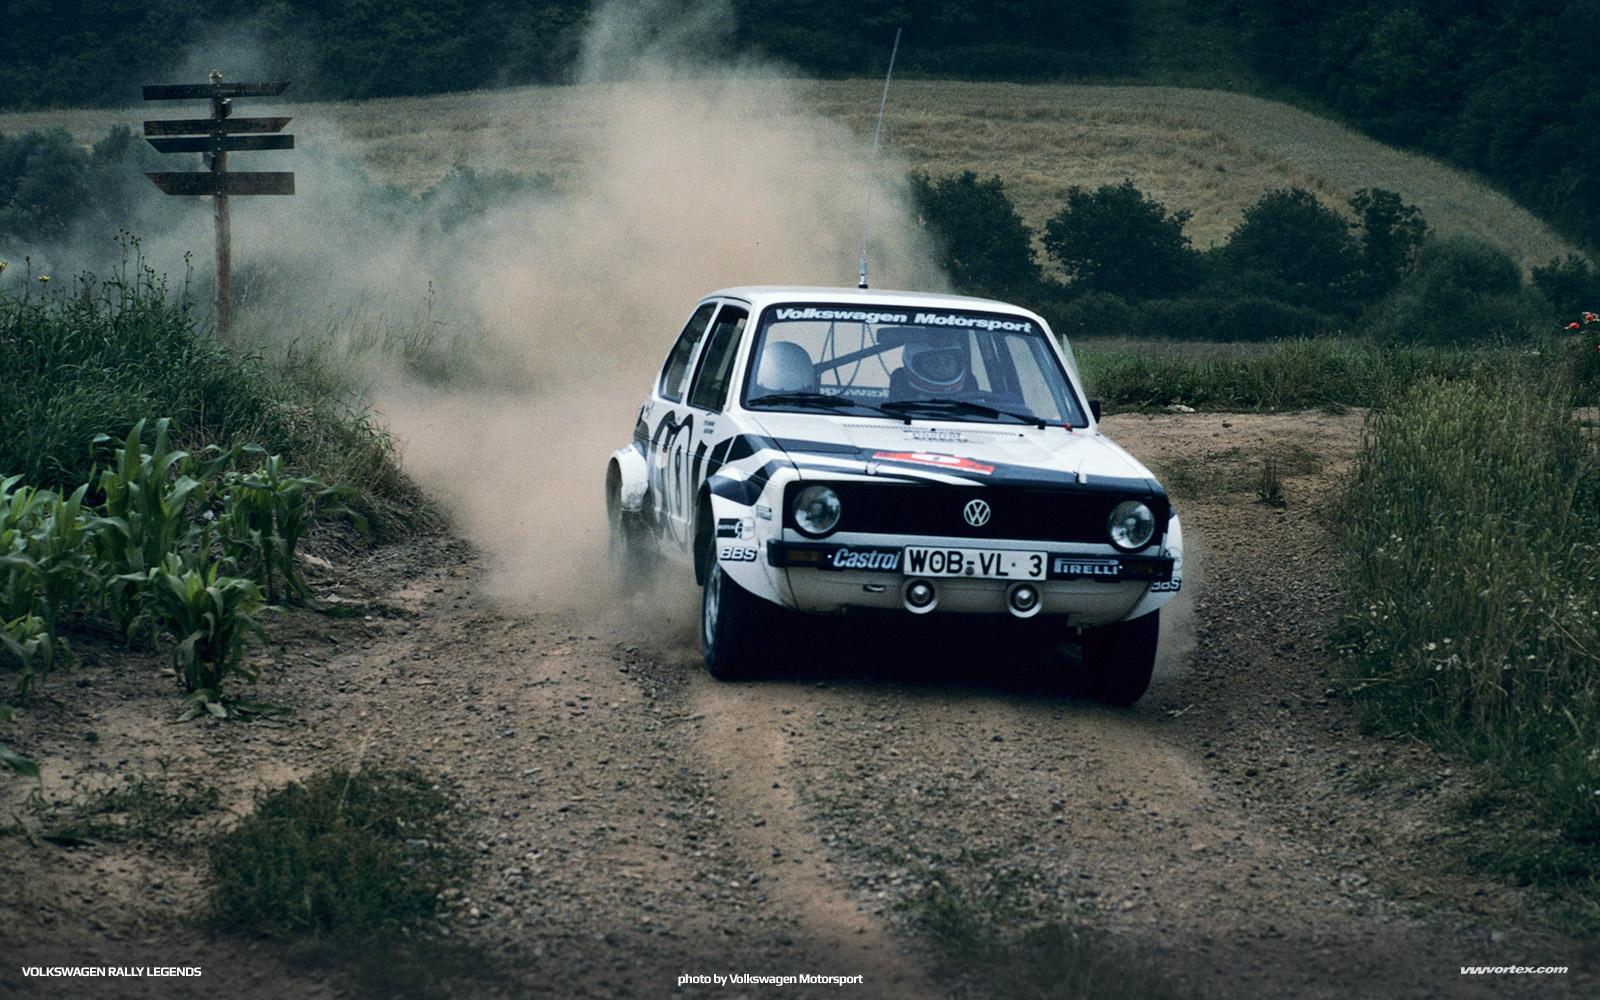 volkswagen-rally-legends-386